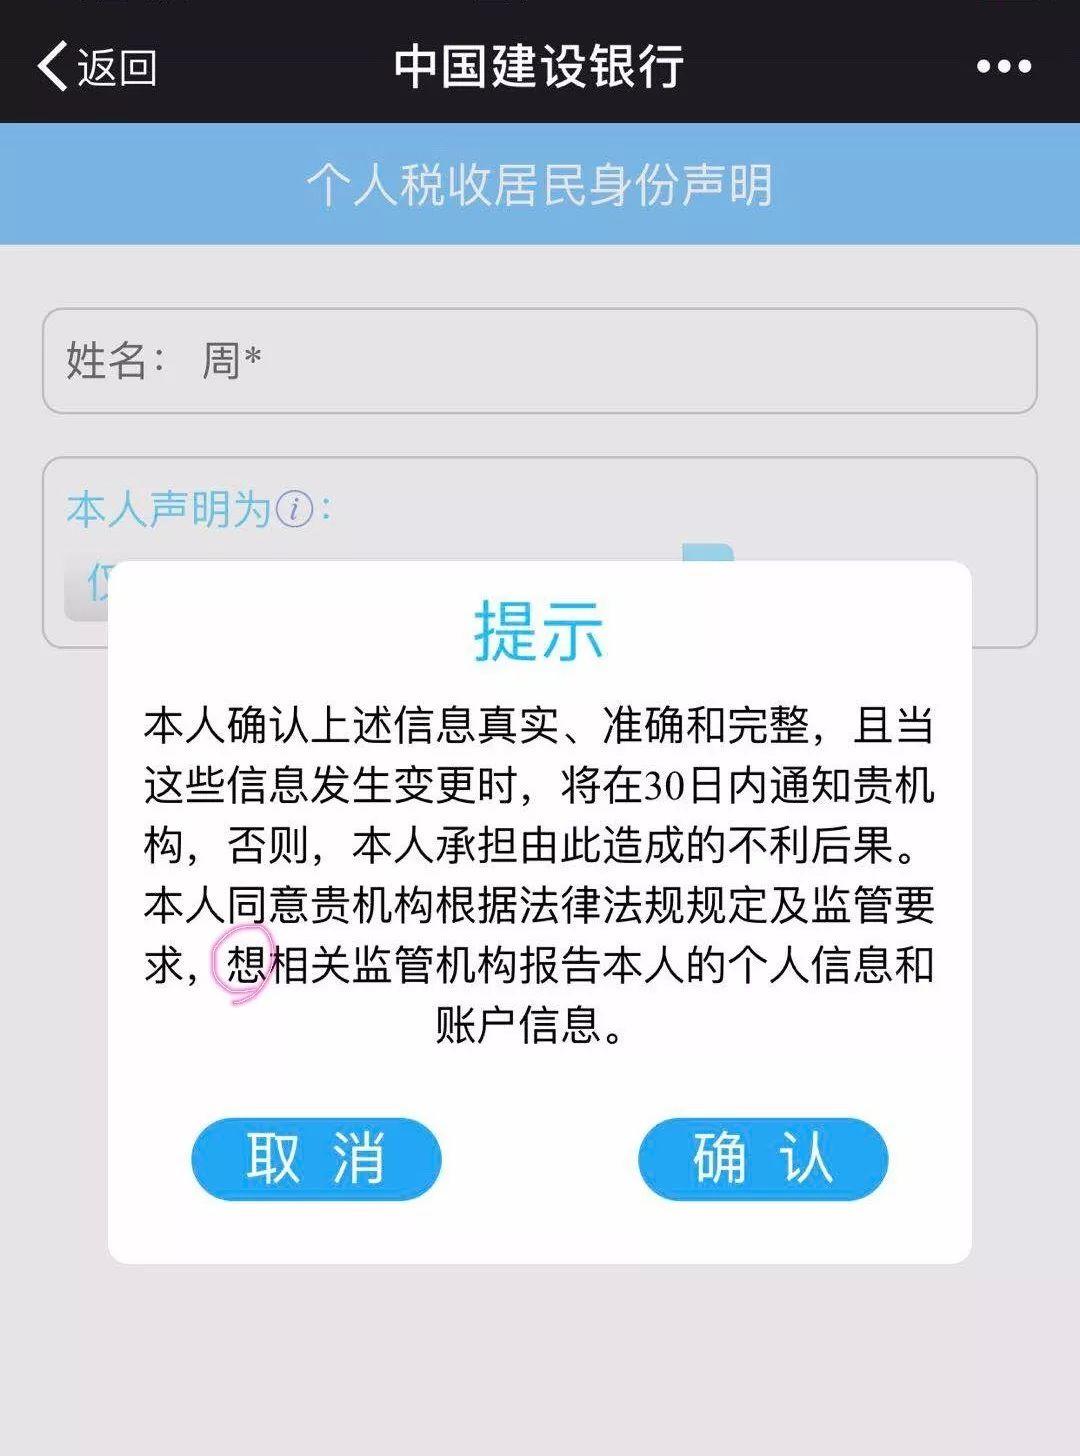 中国动真格了:彻查富人账户 超百万美元账户将被摸清_图1-7